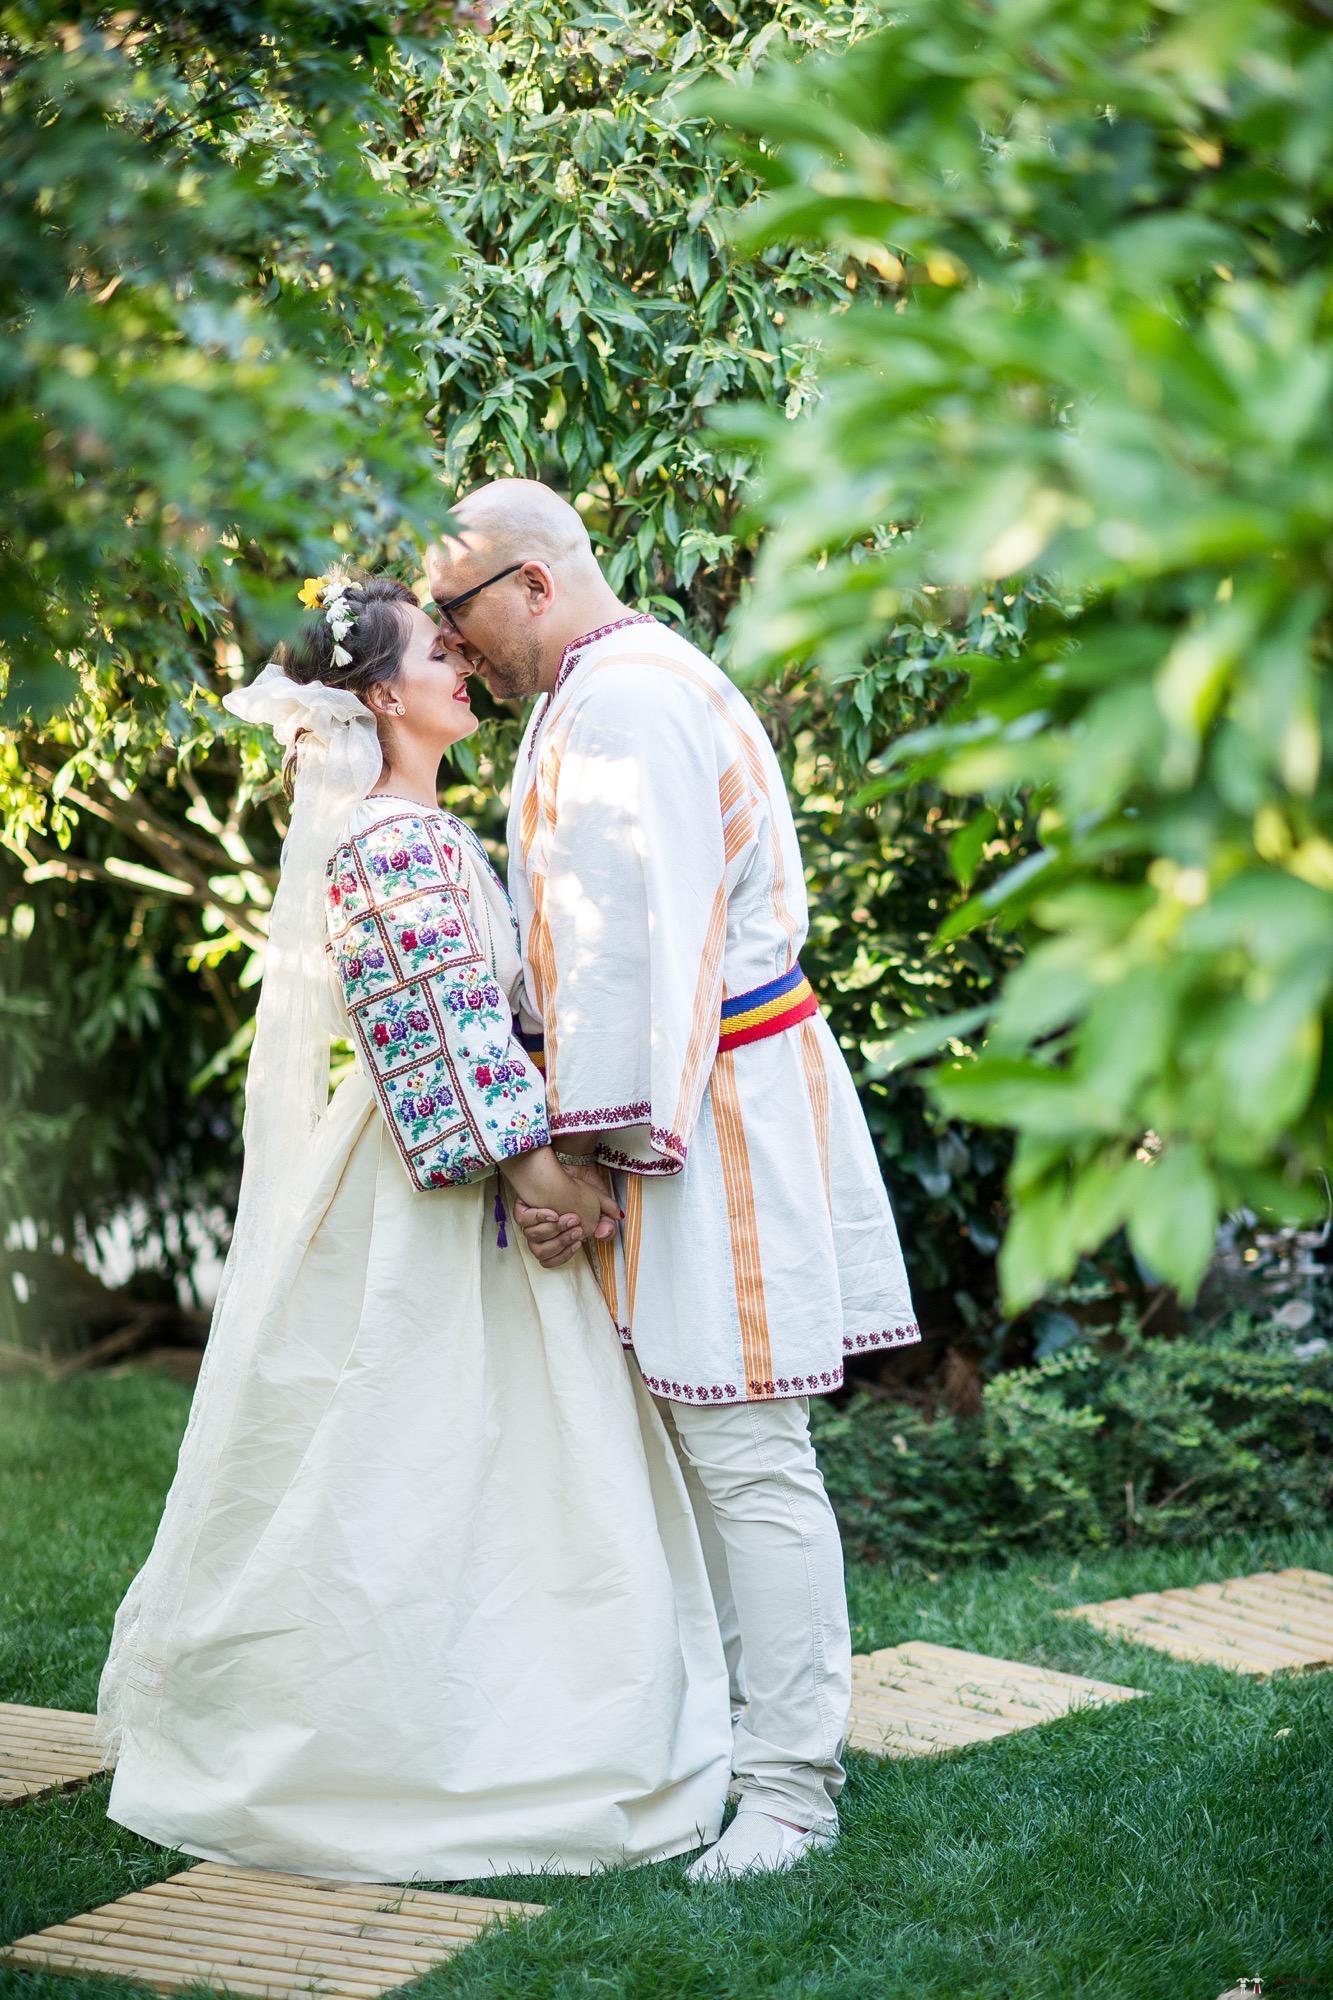 Povești Nunți Tradiționale - Ioana și Andrei. Nuntă tradițională în București. 31